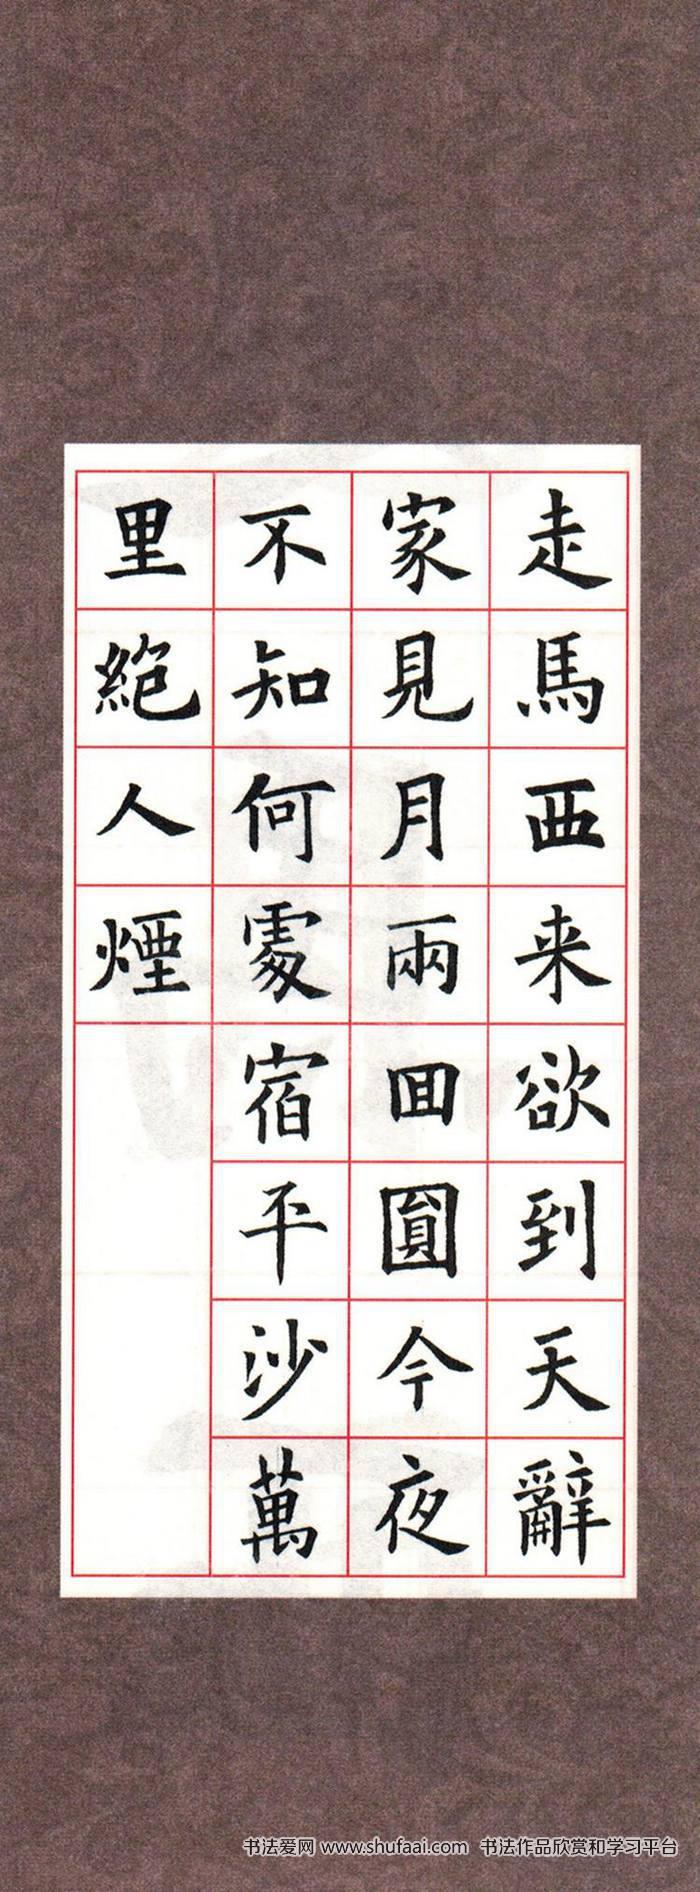 欧体集字古诗---七言绝句 高清字帖(10)图片